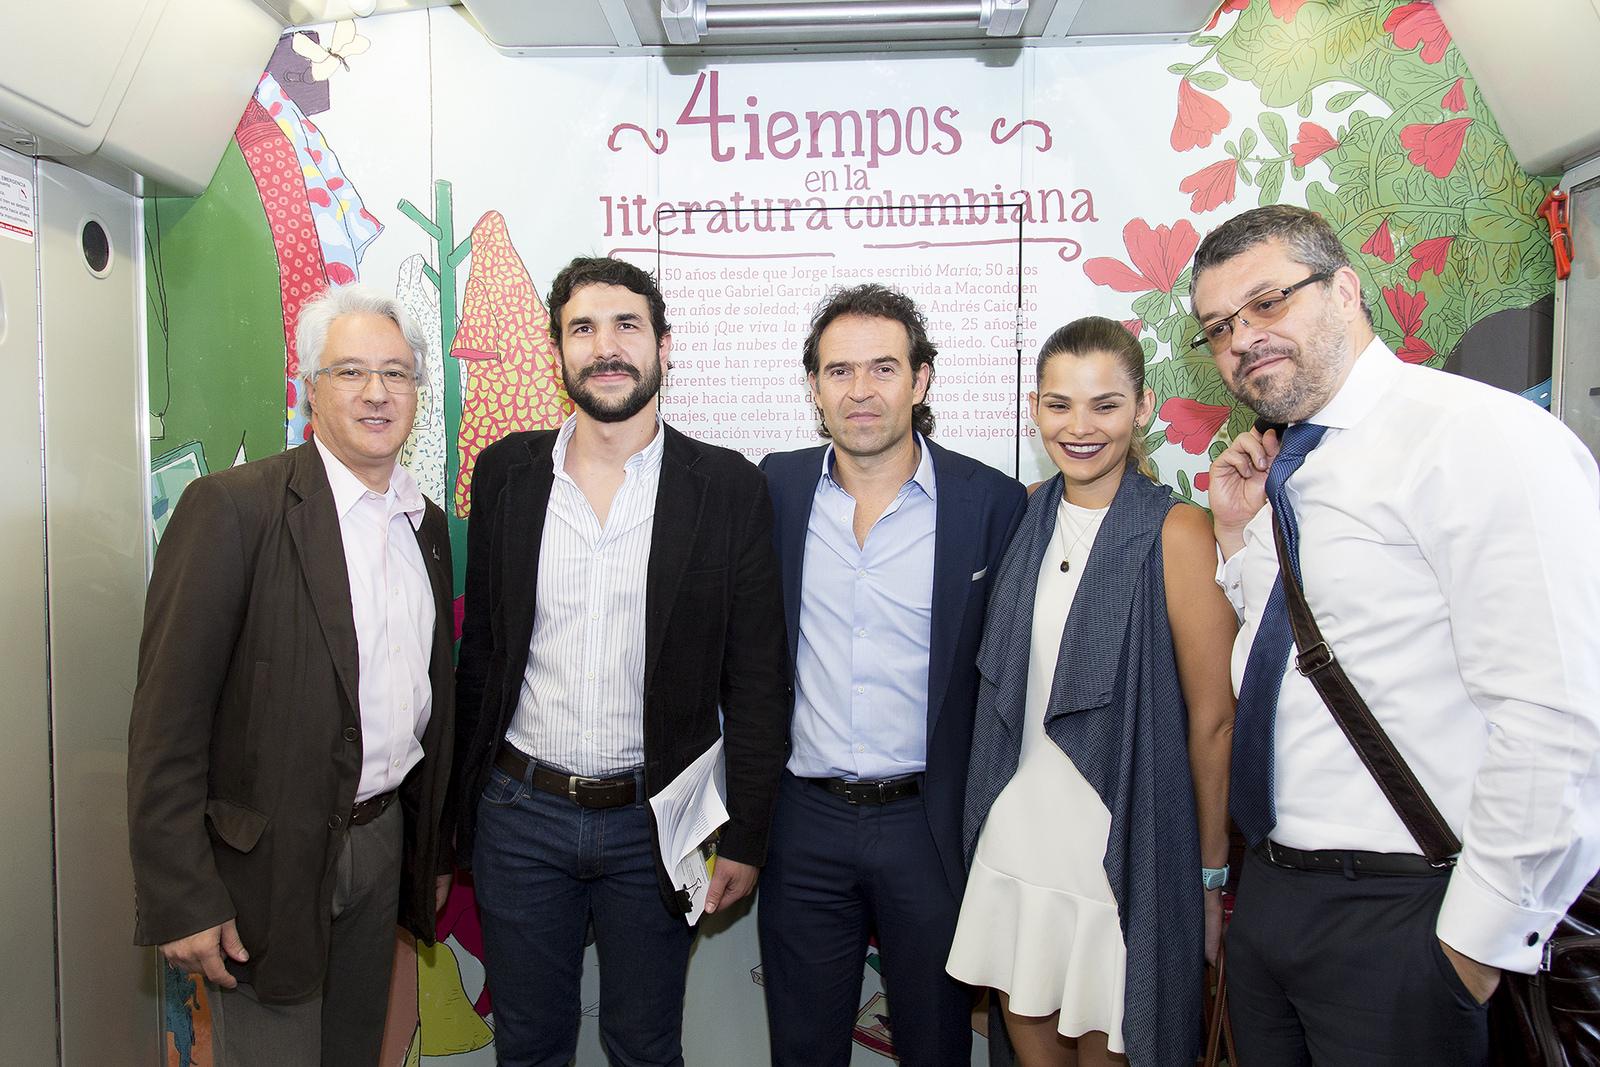 A bordo del Tren de la Cultura del Metro de Medellín se hizo el lanzamiento de la 11ª Fiesta del Libro y la Cultura